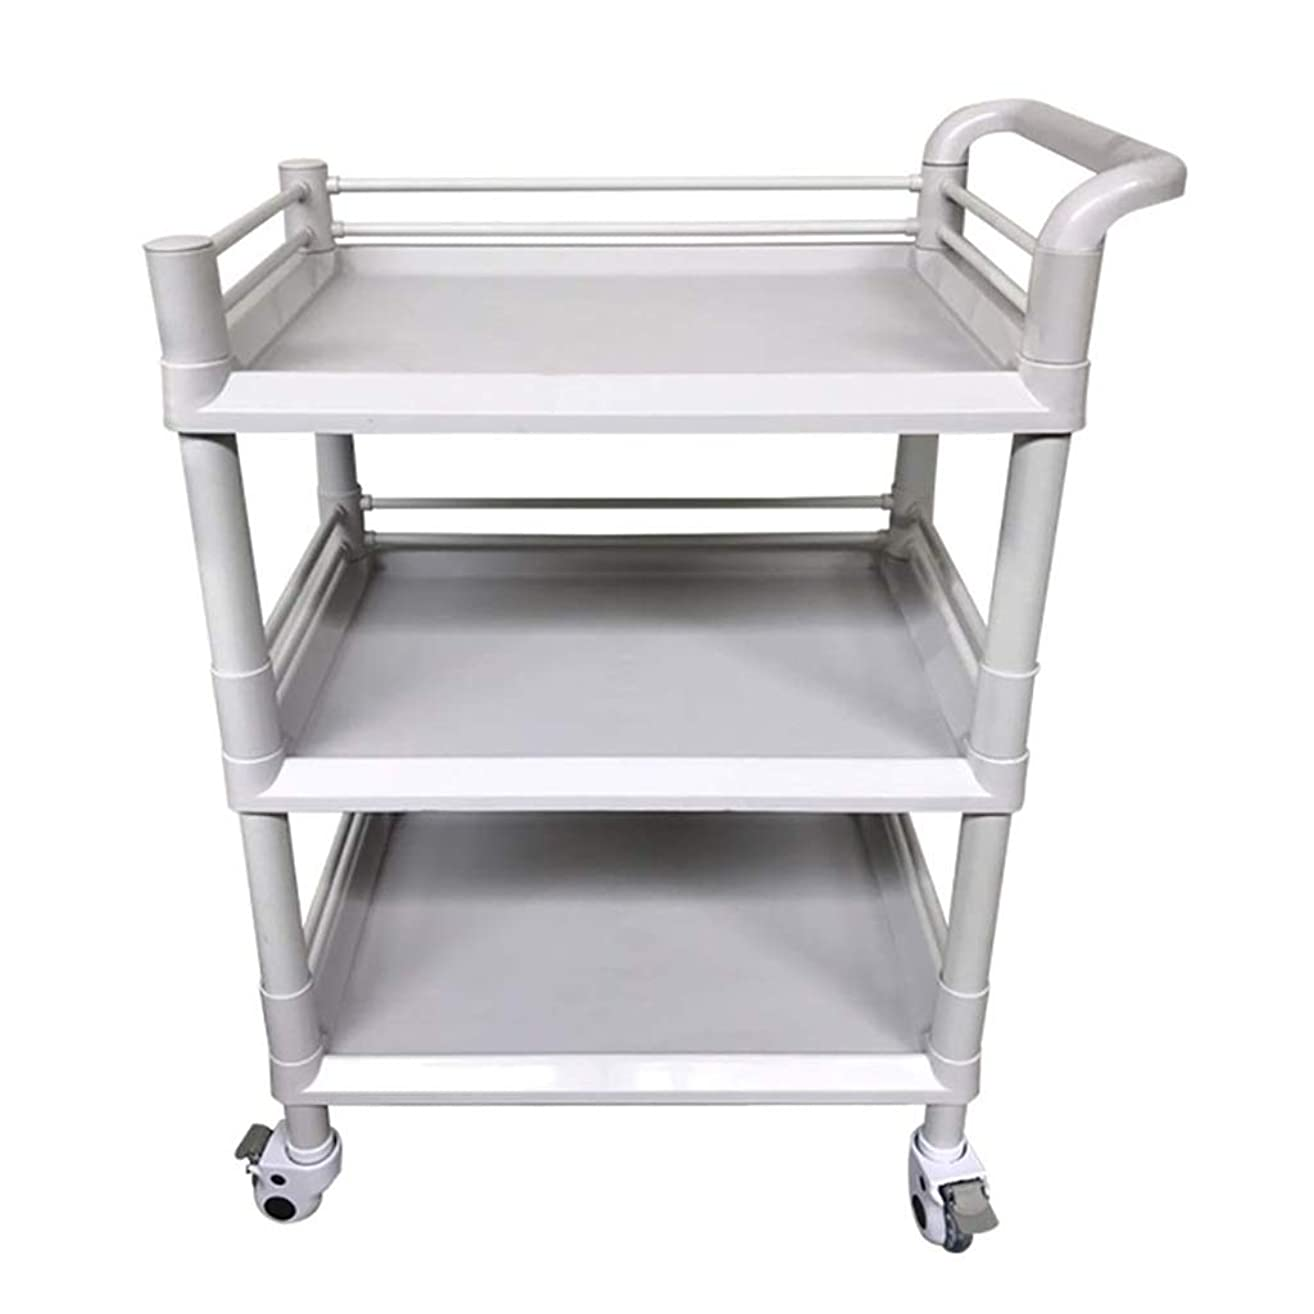 ベンチャーレジデンス蓄積する美容院のカート、美容ベビーカーの棚のABSプラスチック病院の多目的用具のカートの灰色、3つのサイズは購入することができます (色 : 54*37*98cm)